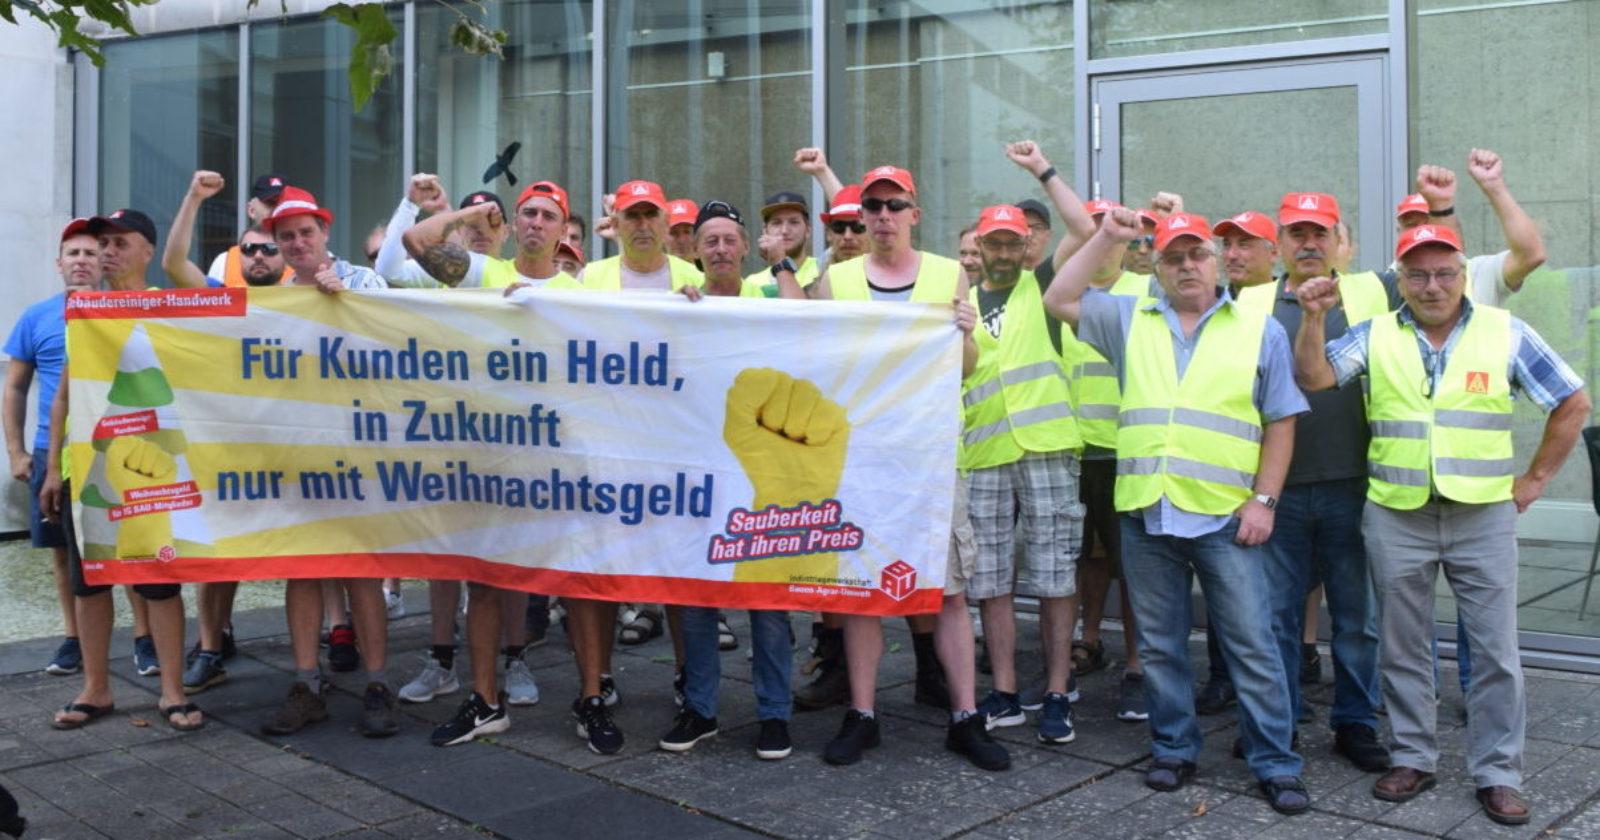 Solidarität im Arbeitskampf - Streikende bei Riva zeigen sich solidarisch mit Gebäudereinigern